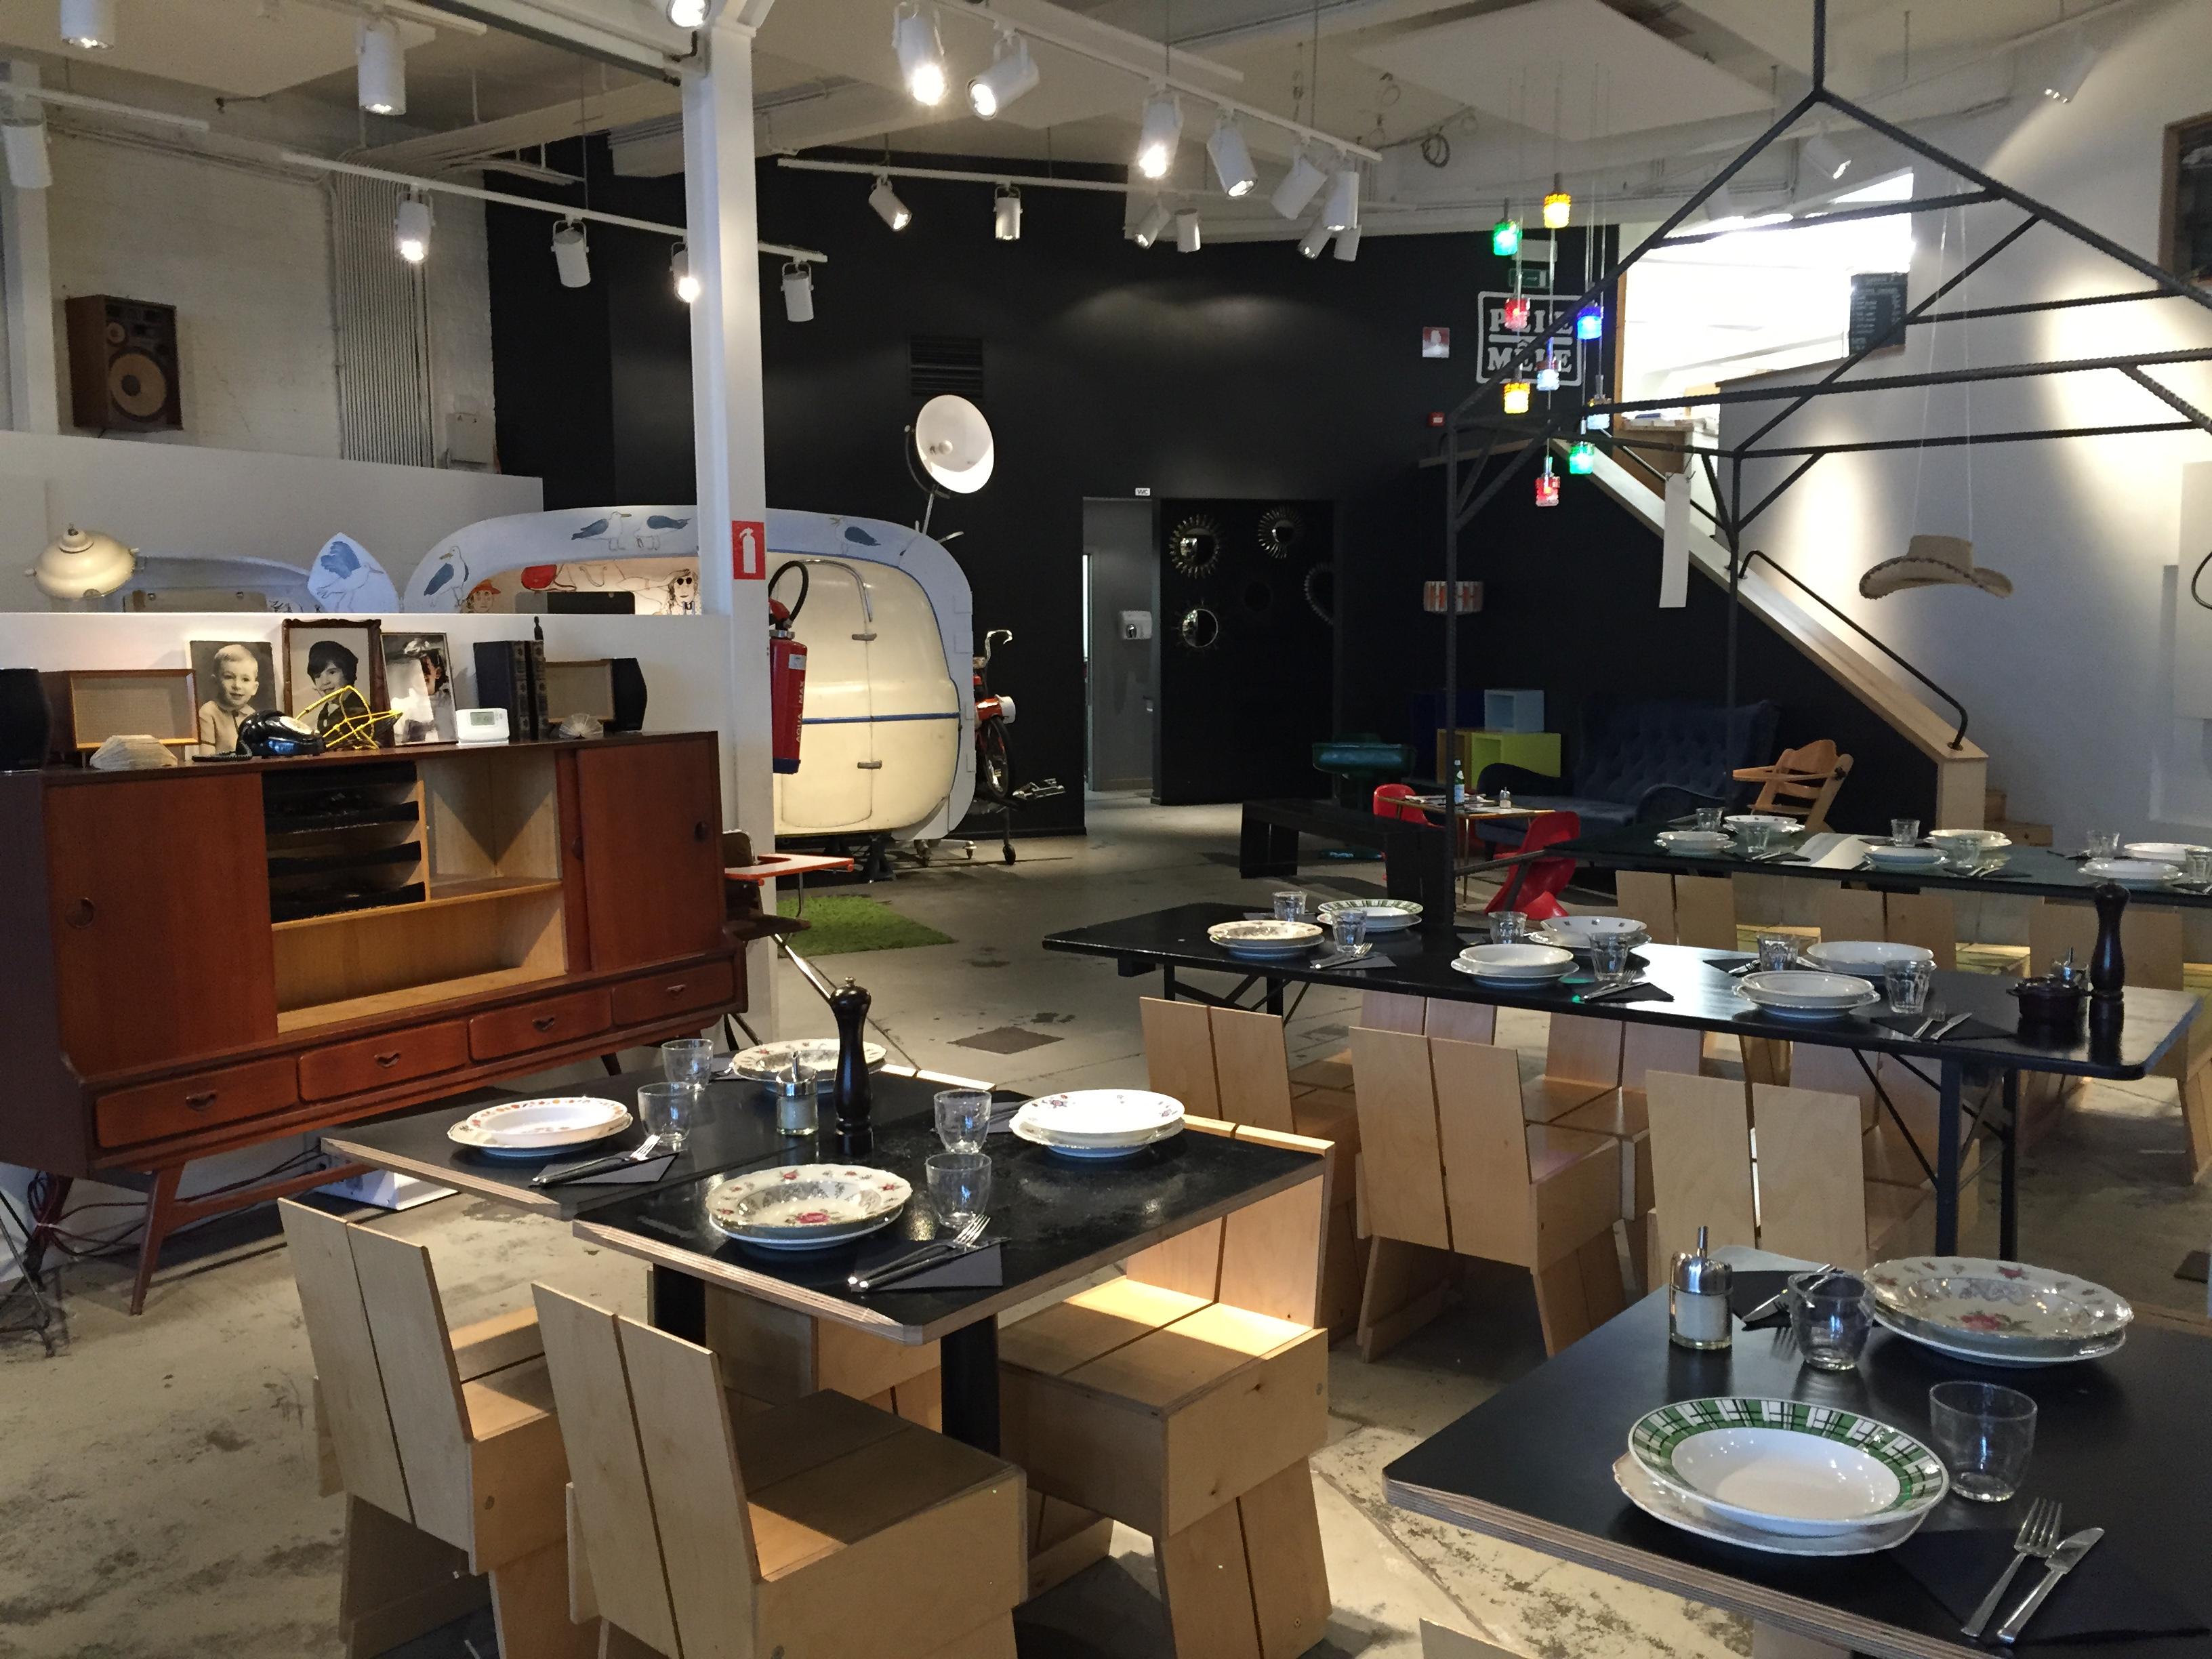 Garage manger blog - Le garage restaurant montbonnot ...